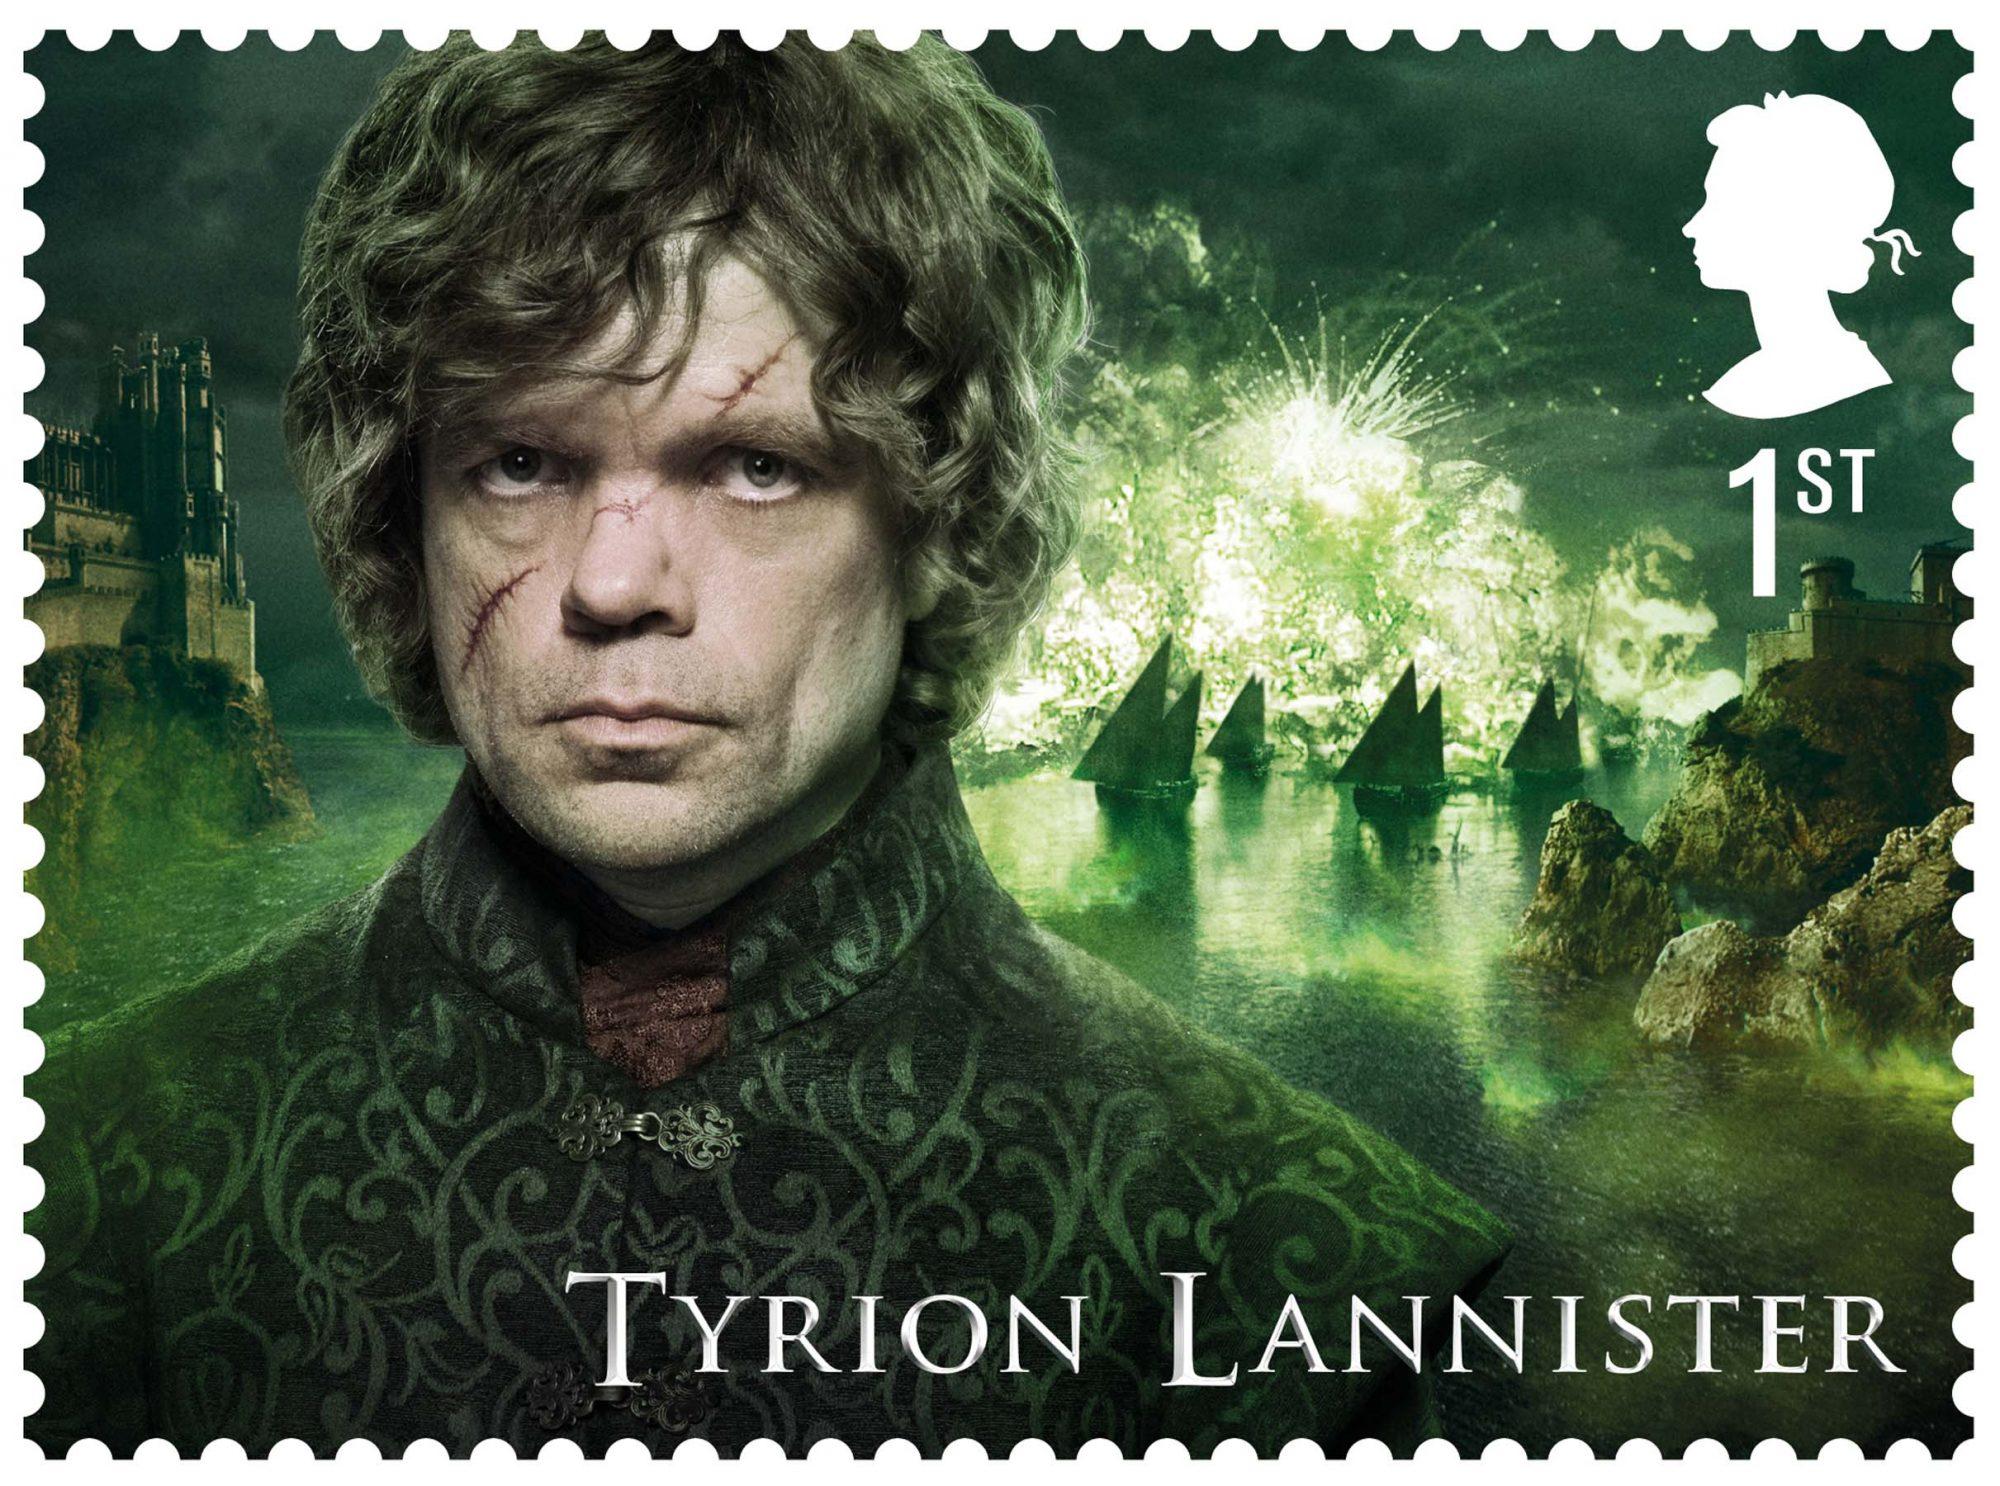 GoT Tyrion Lannister stamp